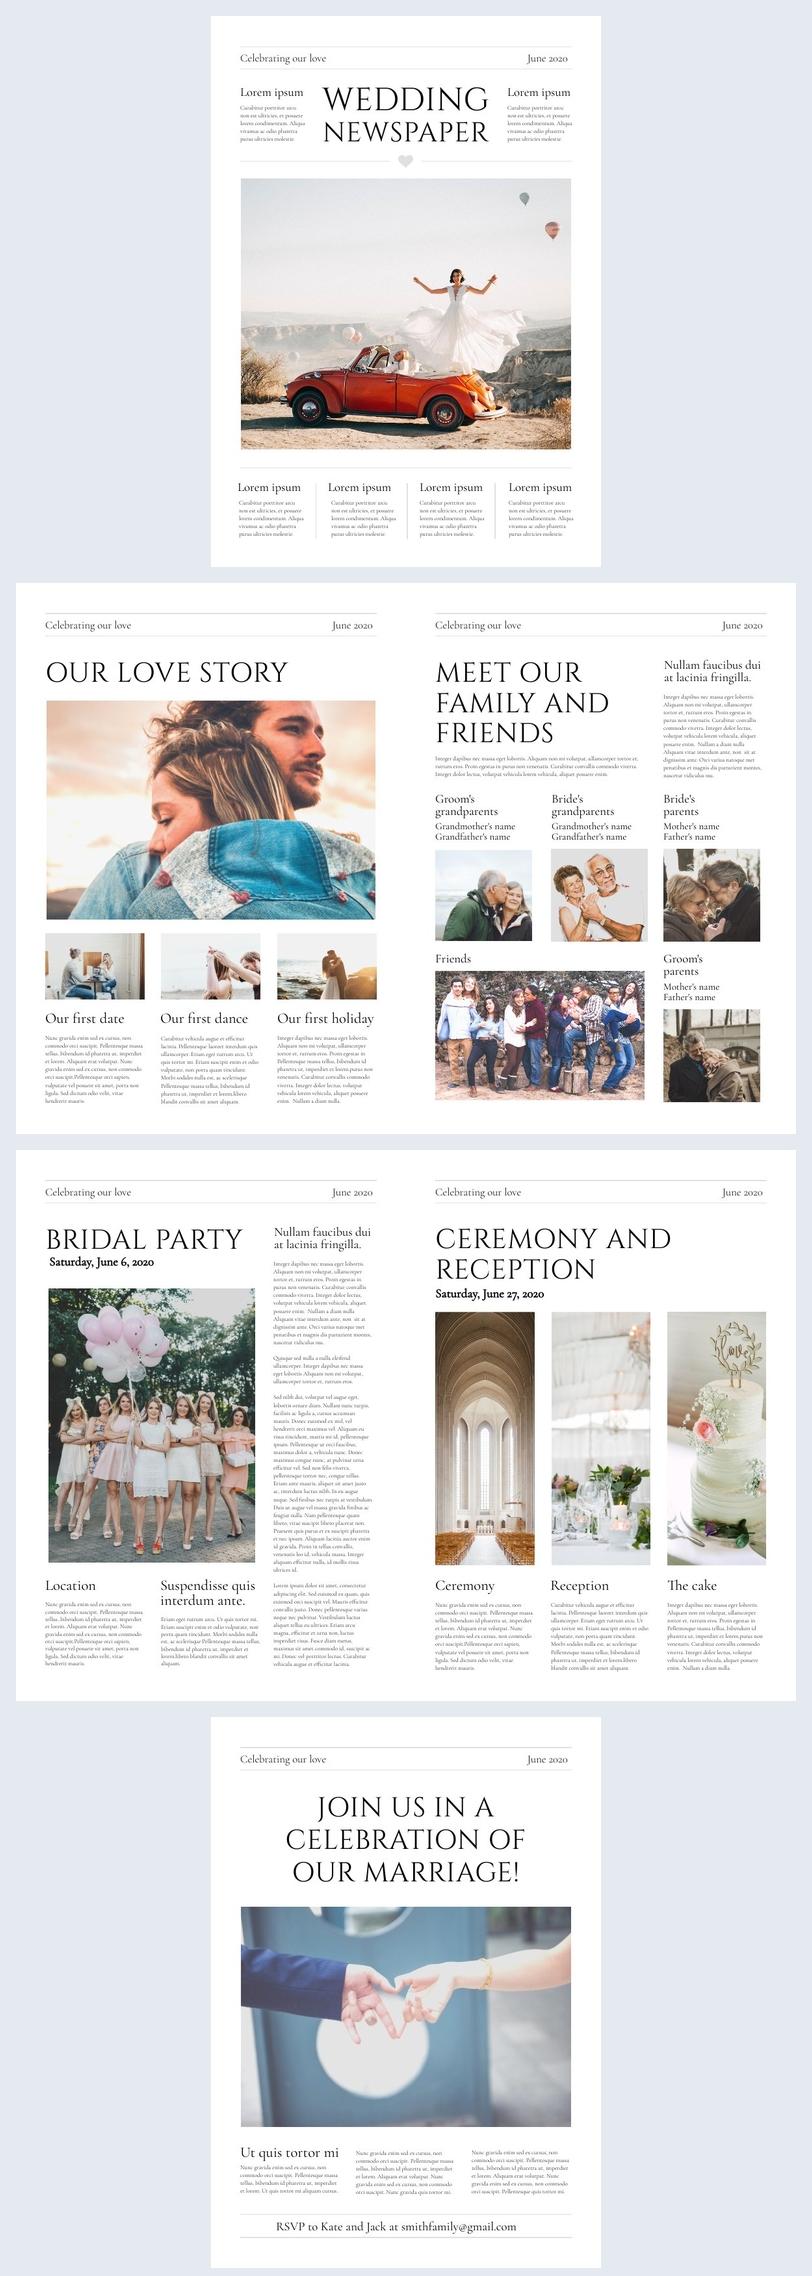 Beispiel-Design für eine Hochzeitszeitung